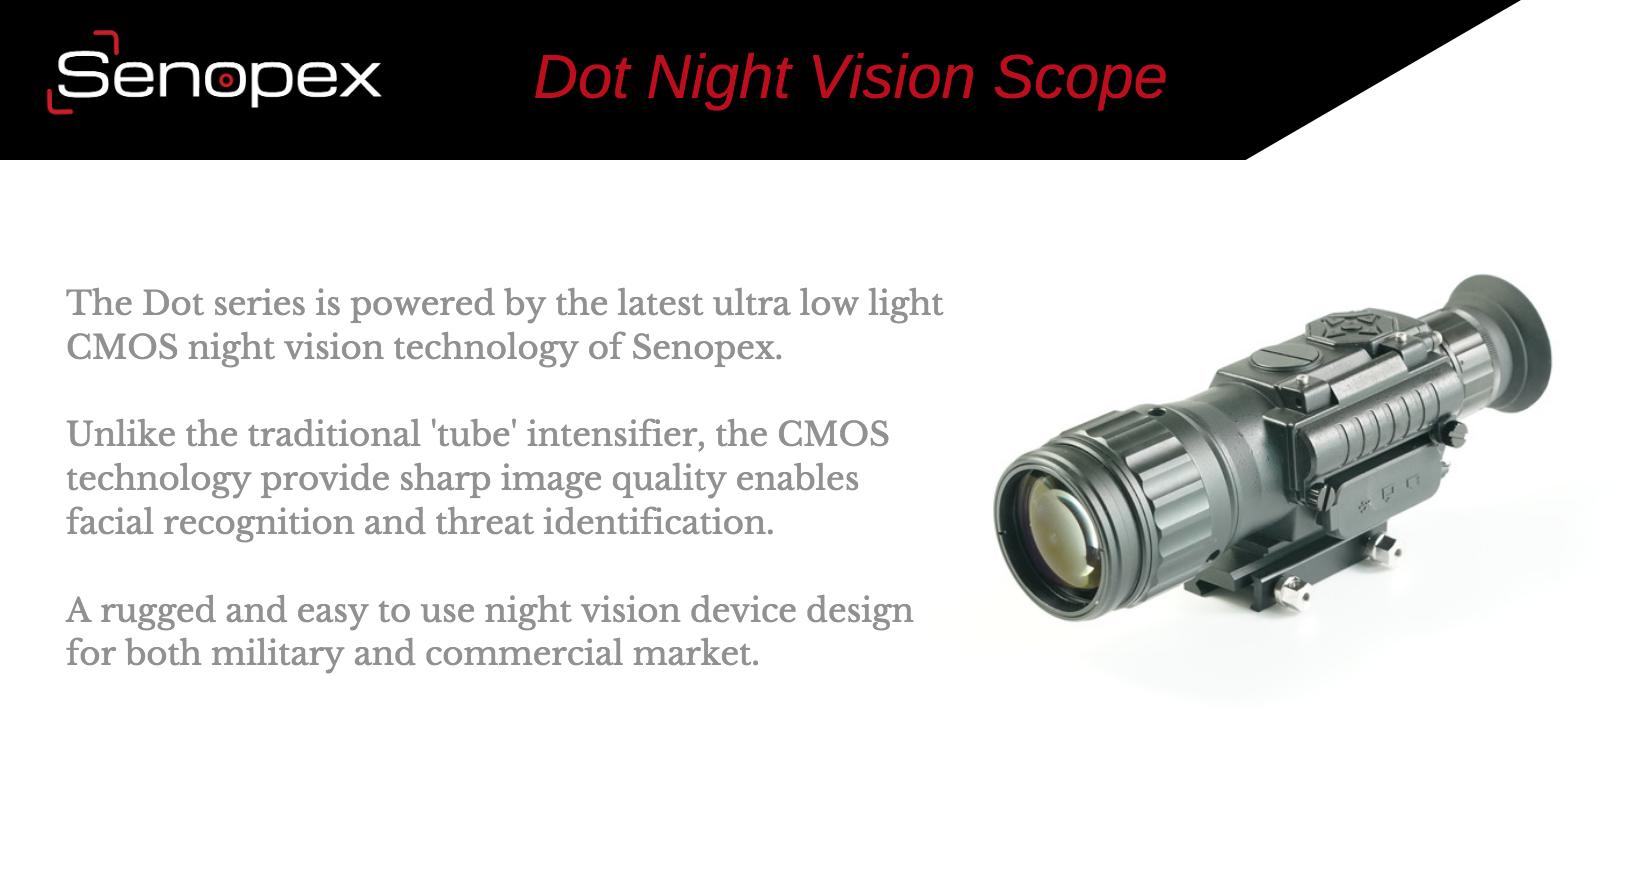 Fabrika Kaynağı Kızılötesi Termal Gece Görüş Görüntüleme Tüfek Kapsam Dijital